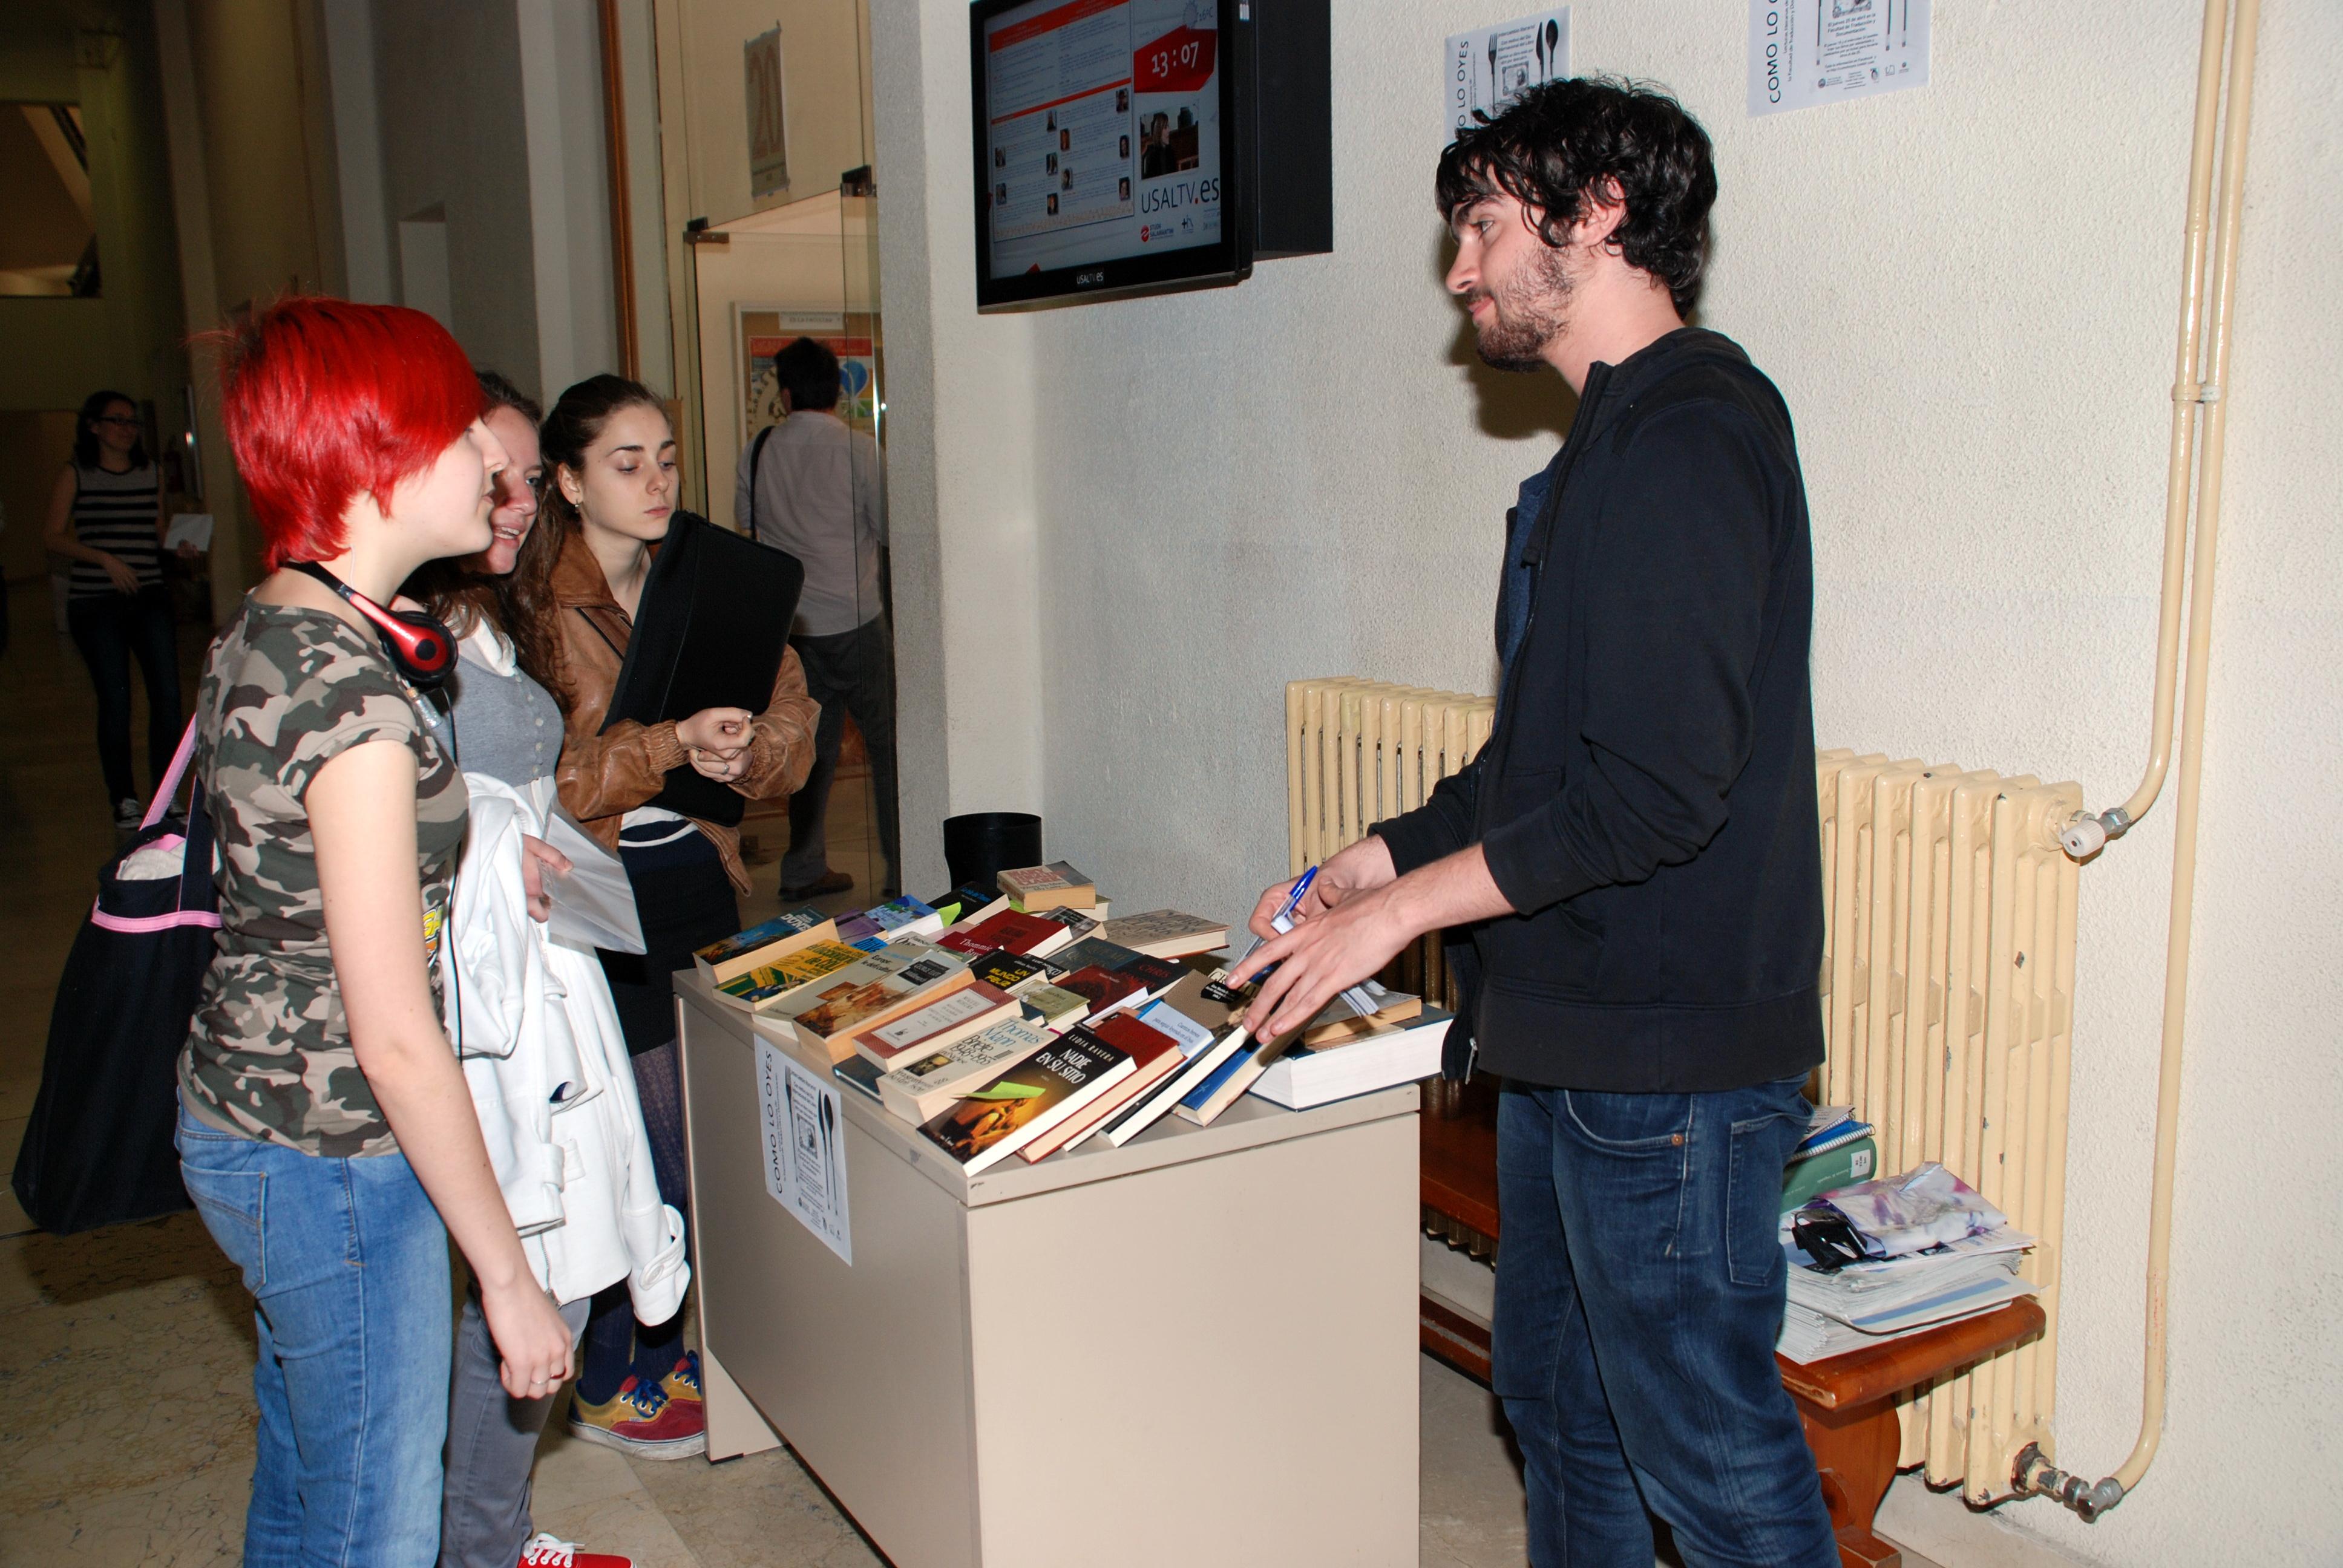 La Facultad de Traducción y Documentación de la Usal organiza un intercambio literario con motivo del Día Internacional del Libro